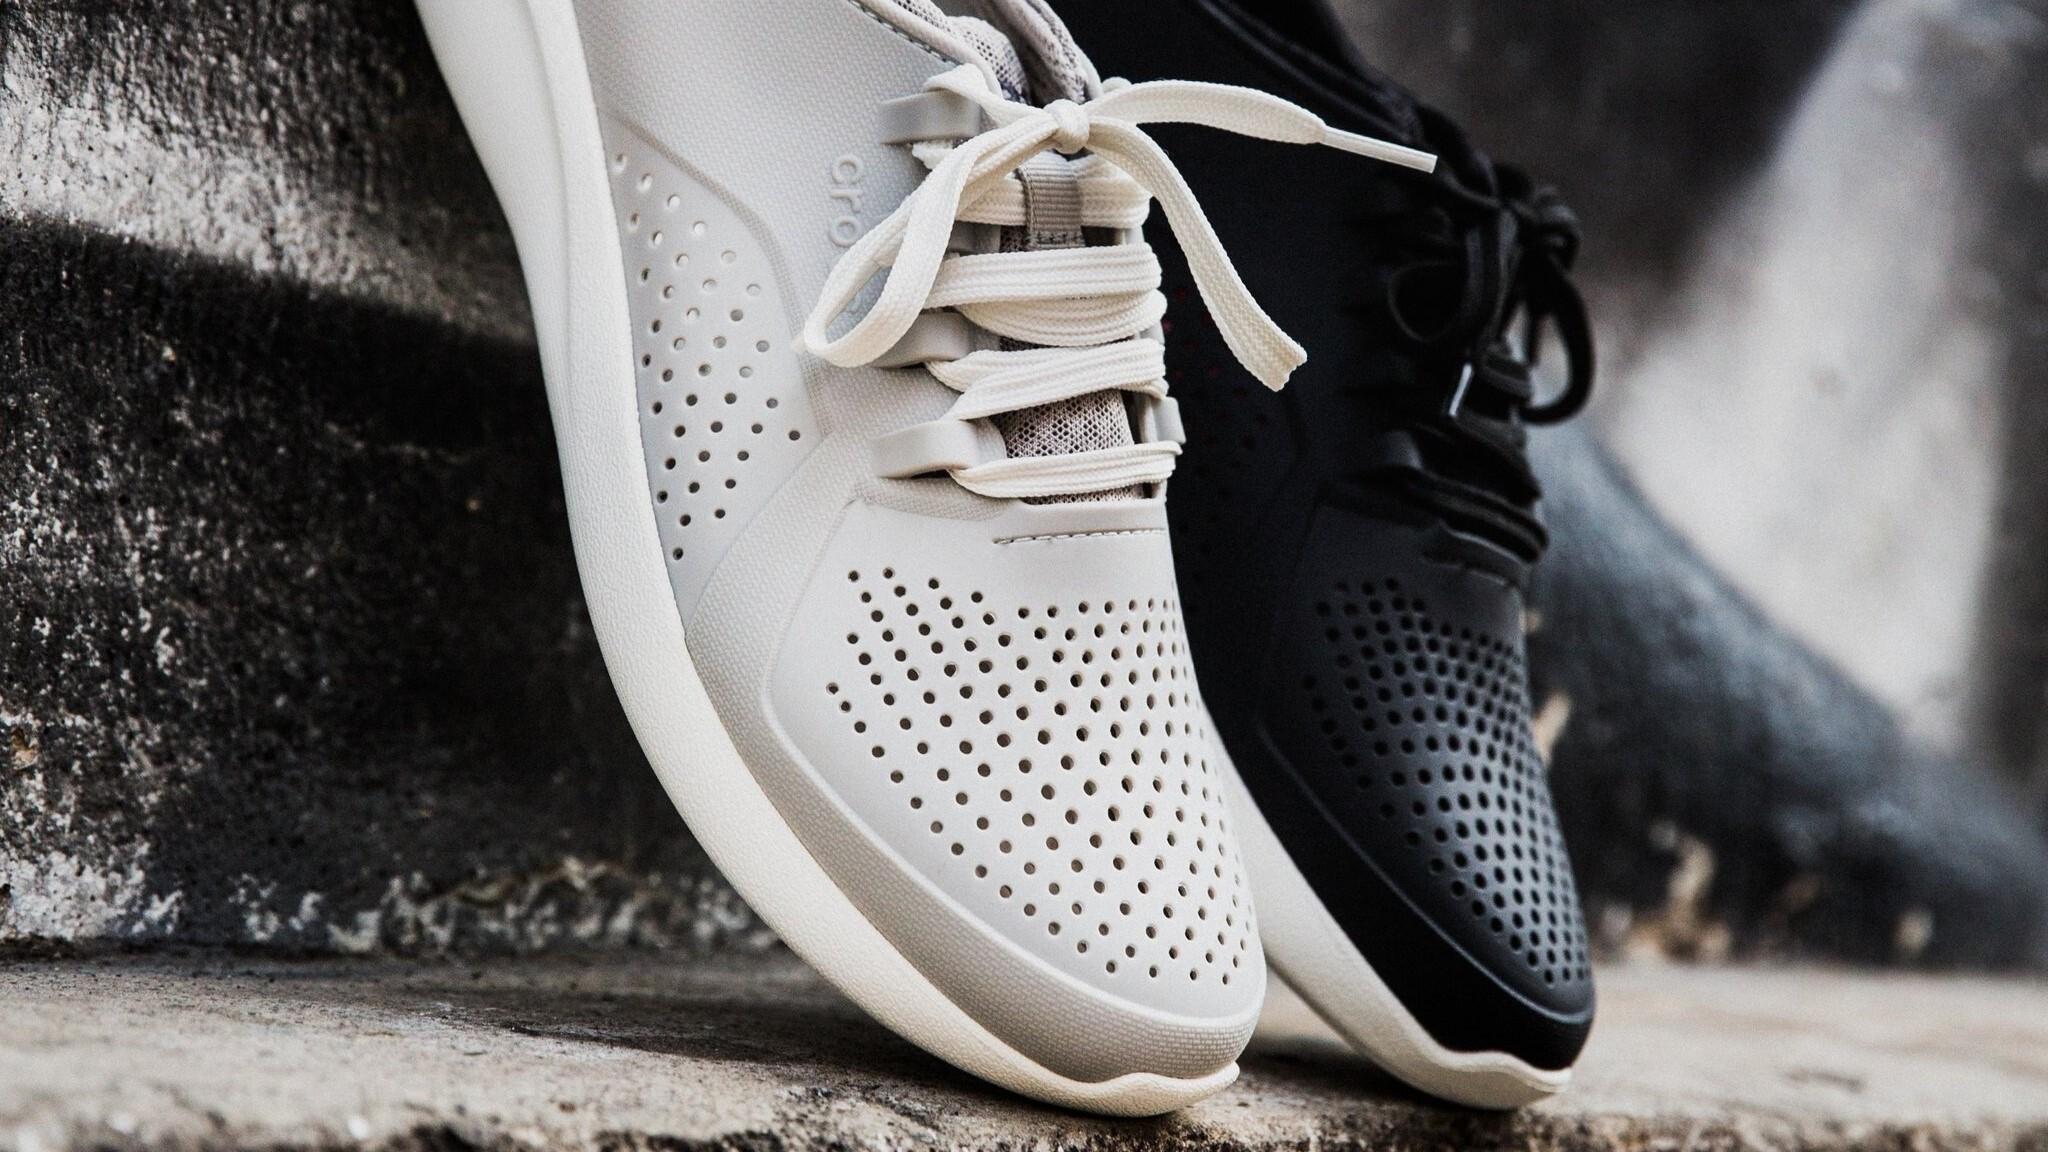 Производитель обуви Crocs закроет свои фабрики и перенесёт производство к партнёрам